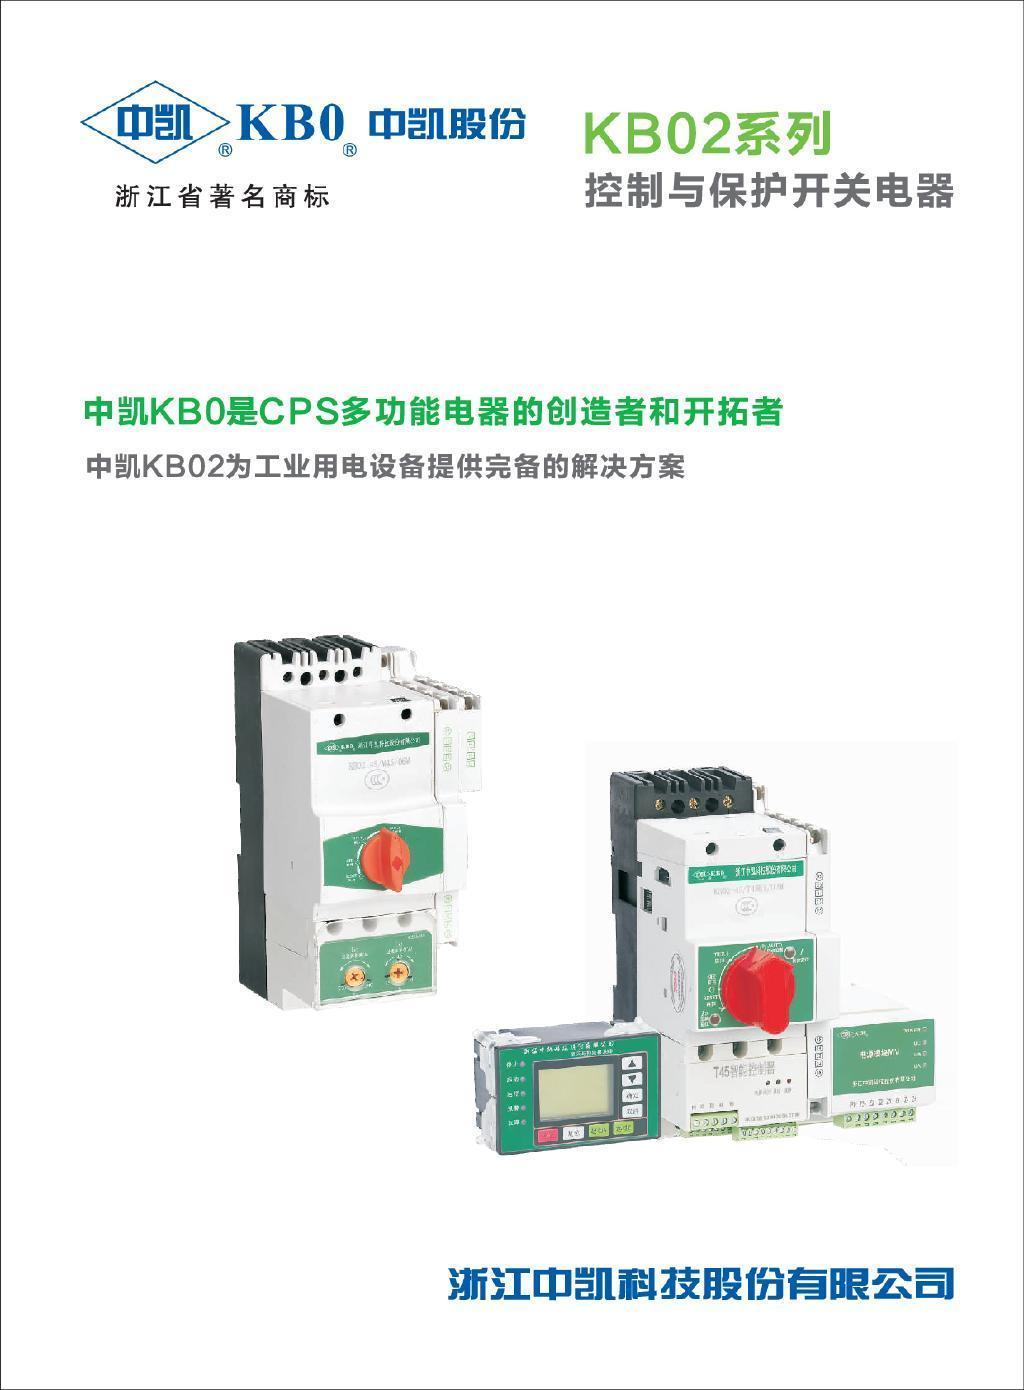 KB02工业样本